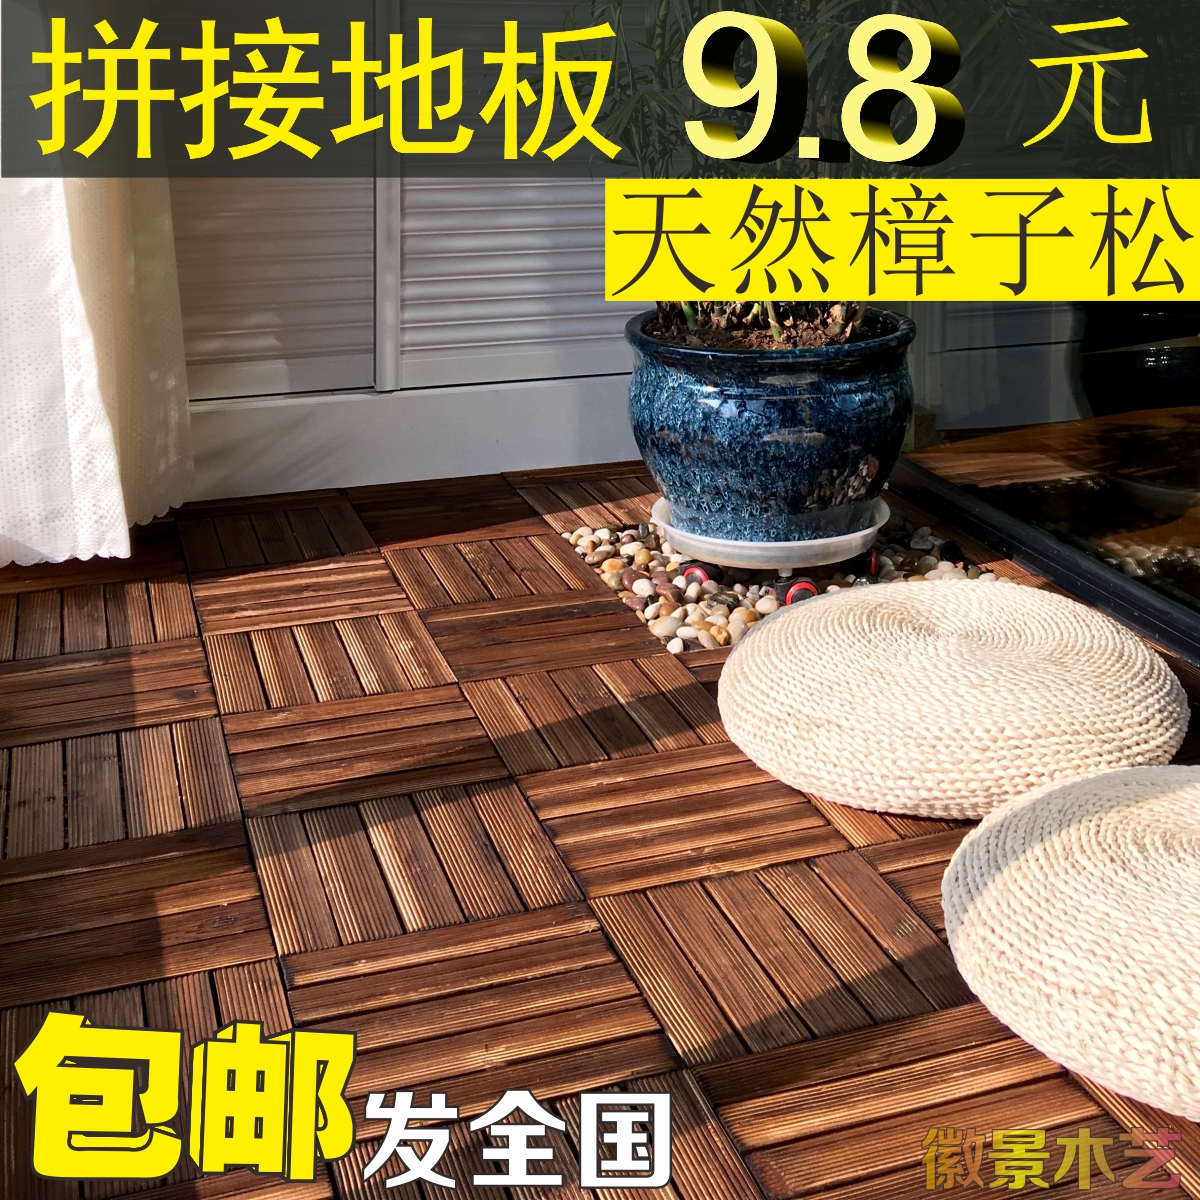 碳化防腐木板地面贴户外实木地板阳台露台花园室外DIY拼接装饰垫